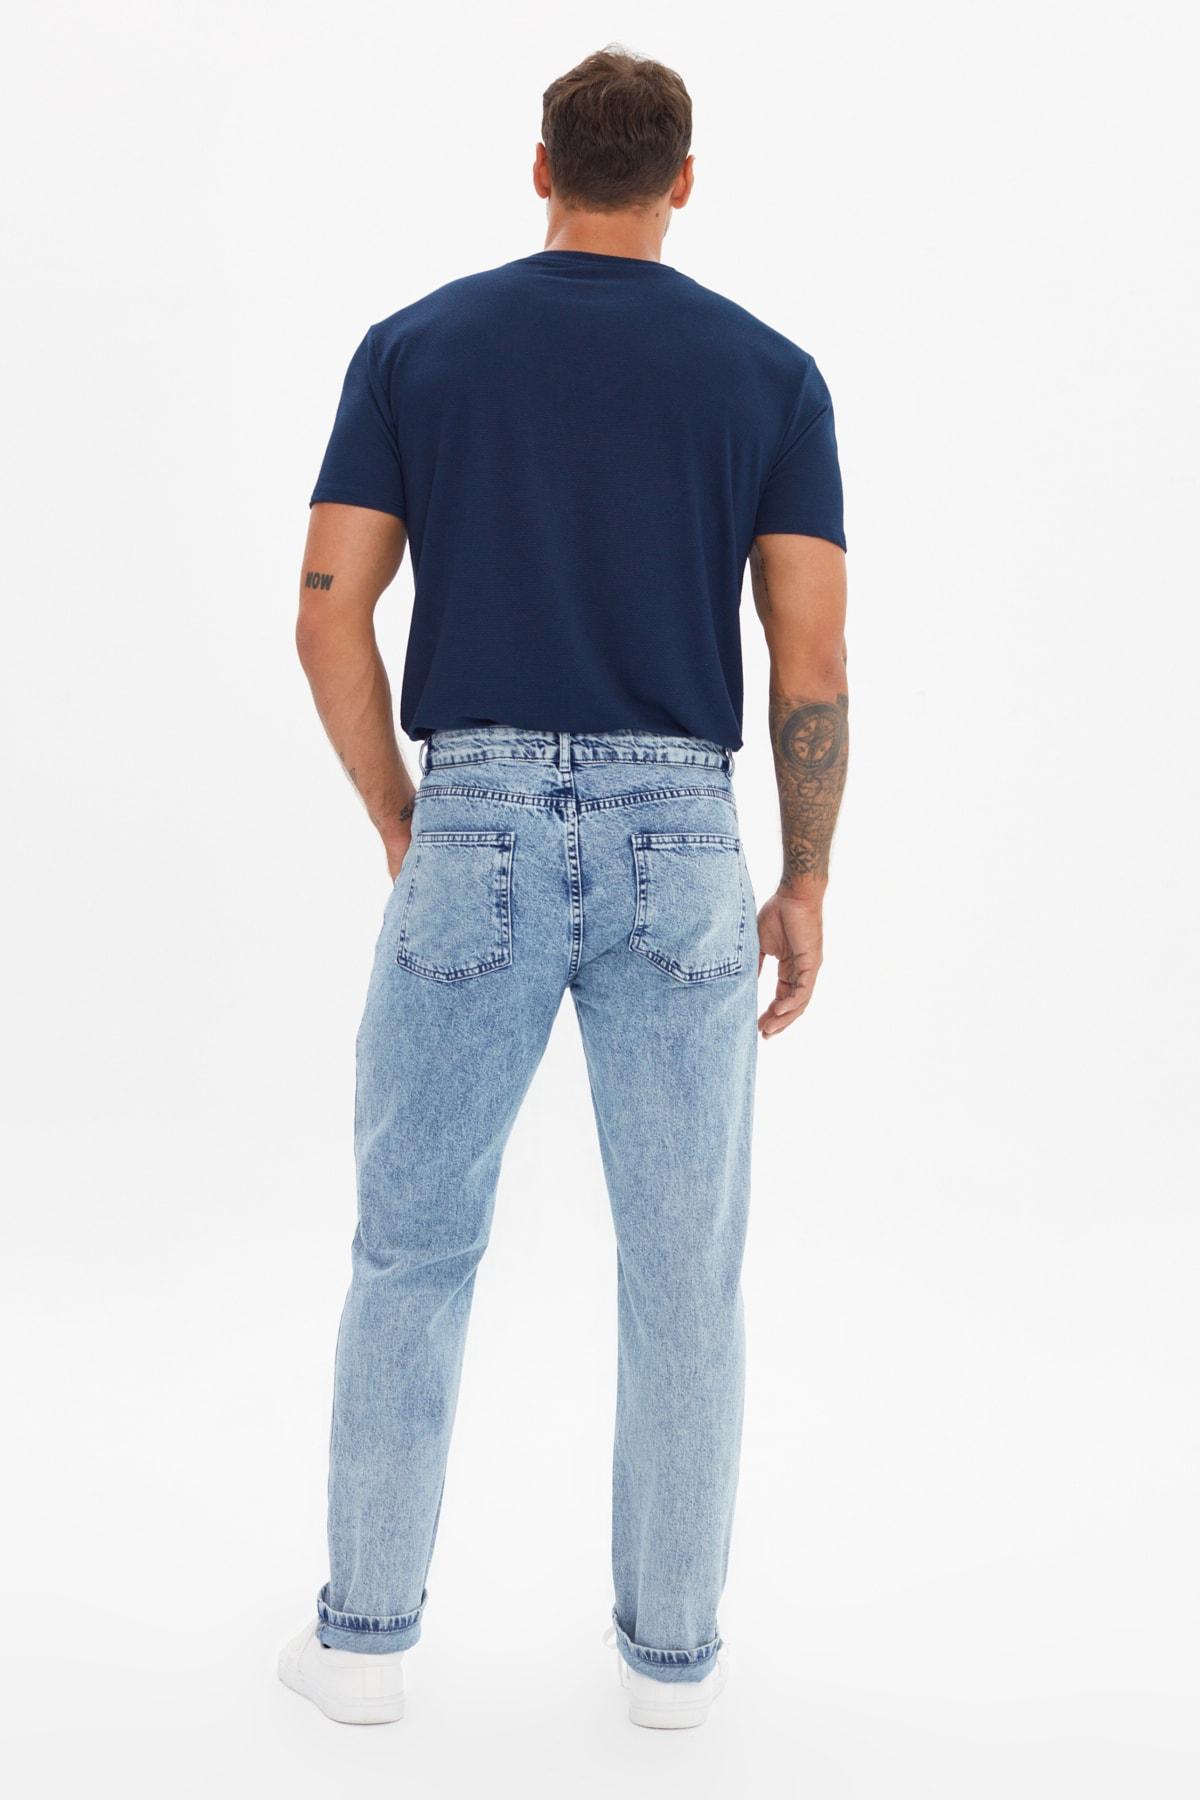 خرید انلاین شلوار جین زیبا مردانه برند ترندیول مرد رنگ آبی کد ty104339644